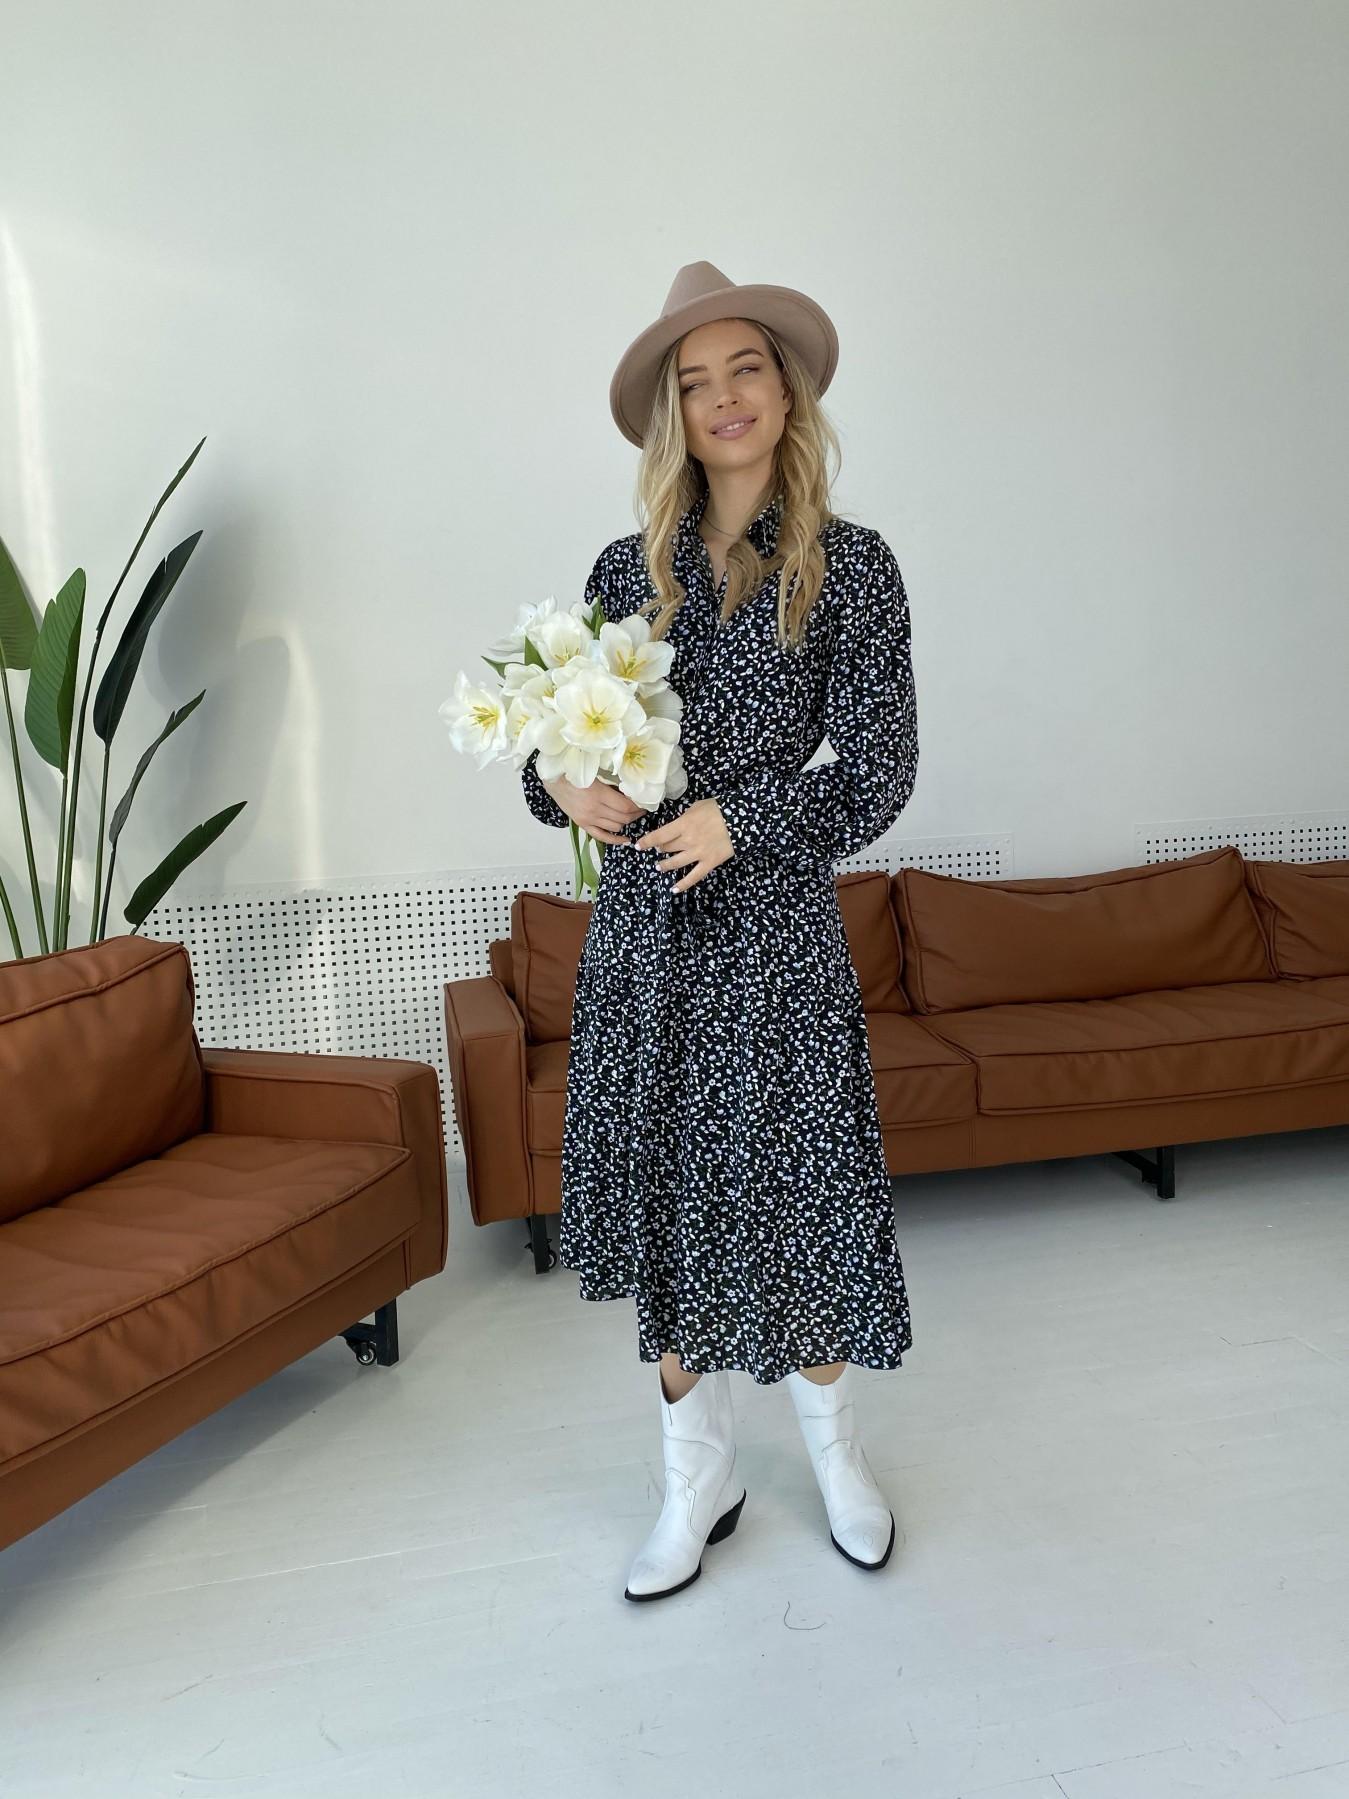 Лилия штапель принт платье 10879 АРТ. 47351 Цвет: Цветы мел черн/бел/гол - фото 5, интернет магазин tm-modus.ru